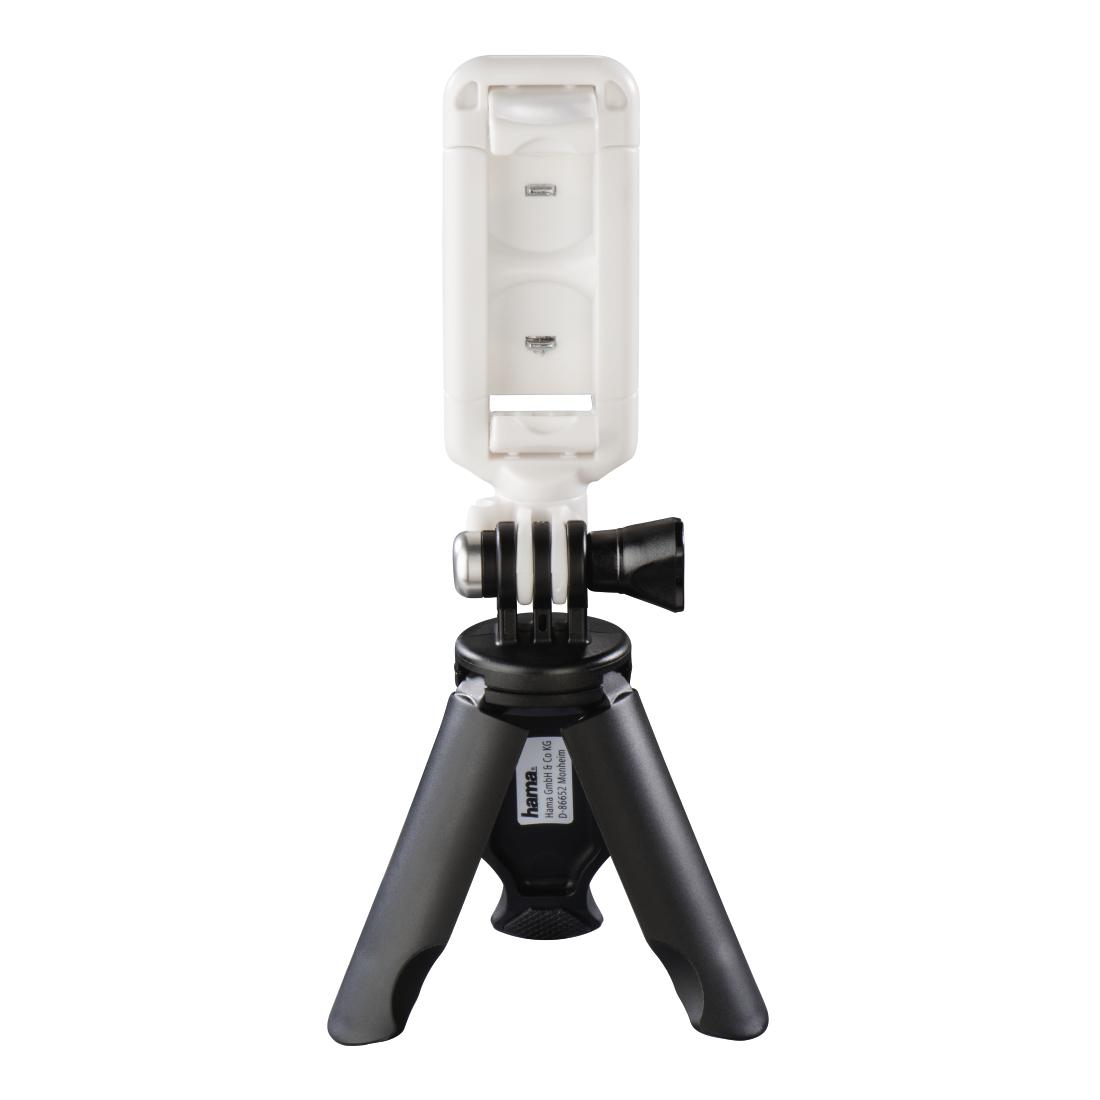 Mini Tripod for Smartphone 5 cm White